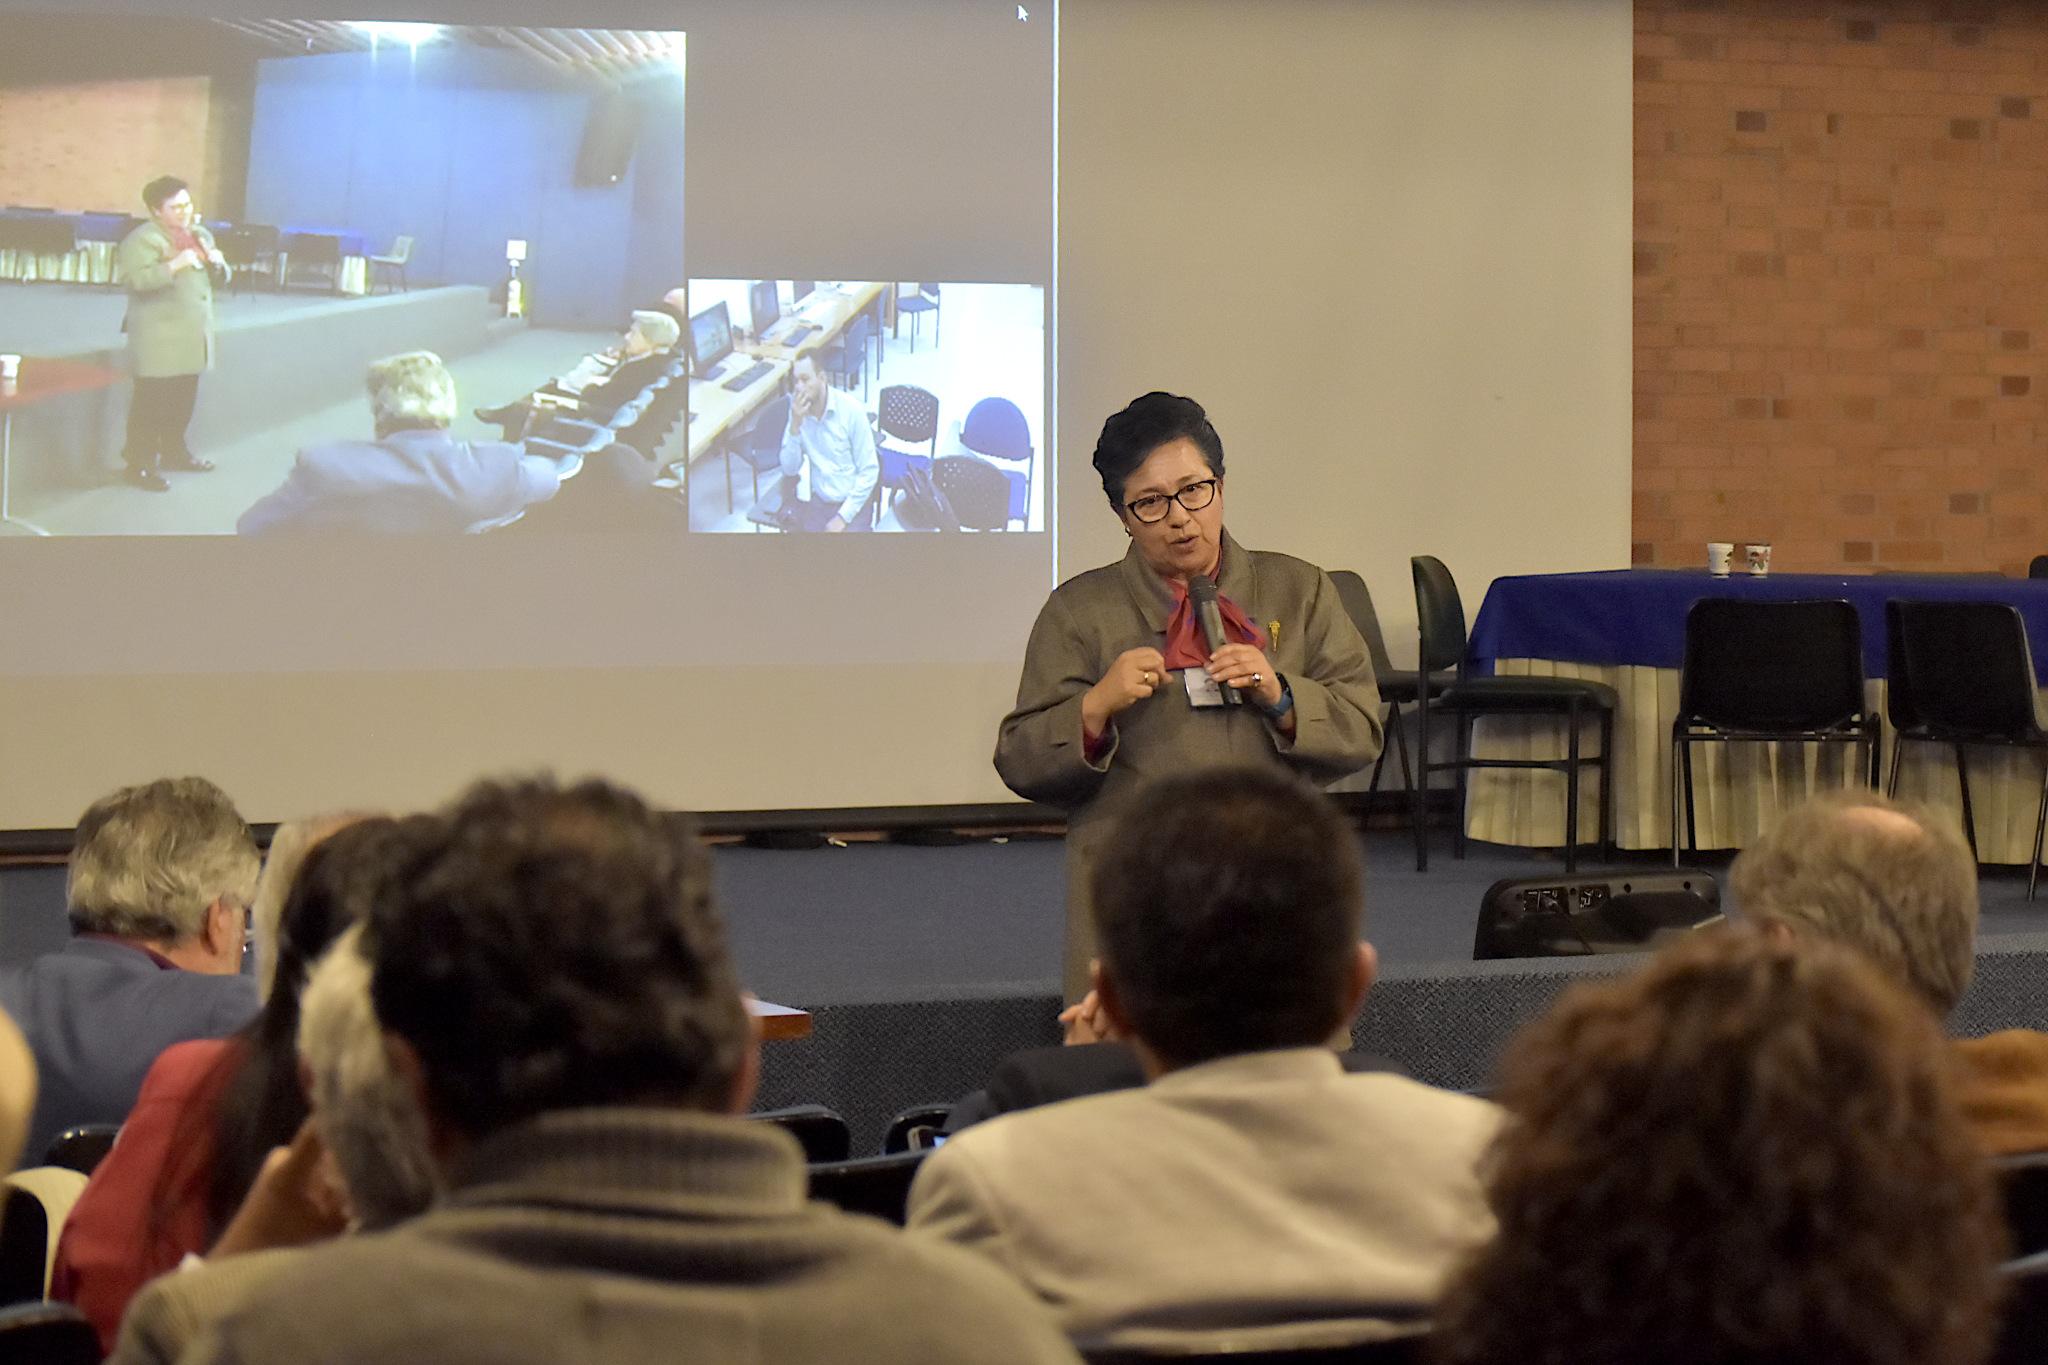 Foto: Camilo Baquero C./Vicerrectoría de Investigación